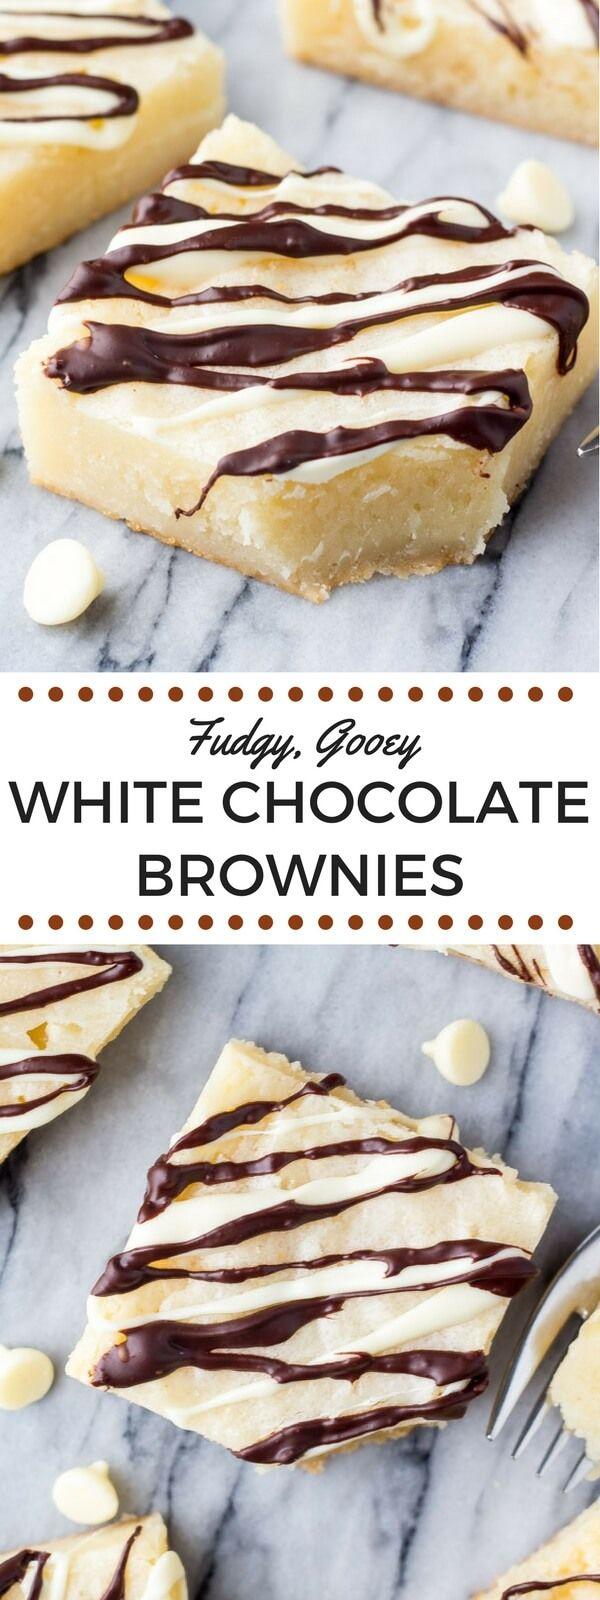 + Schokoladenboden, selbstgemachter Pudding mit Gelatine und geschmolzener kinderschoki